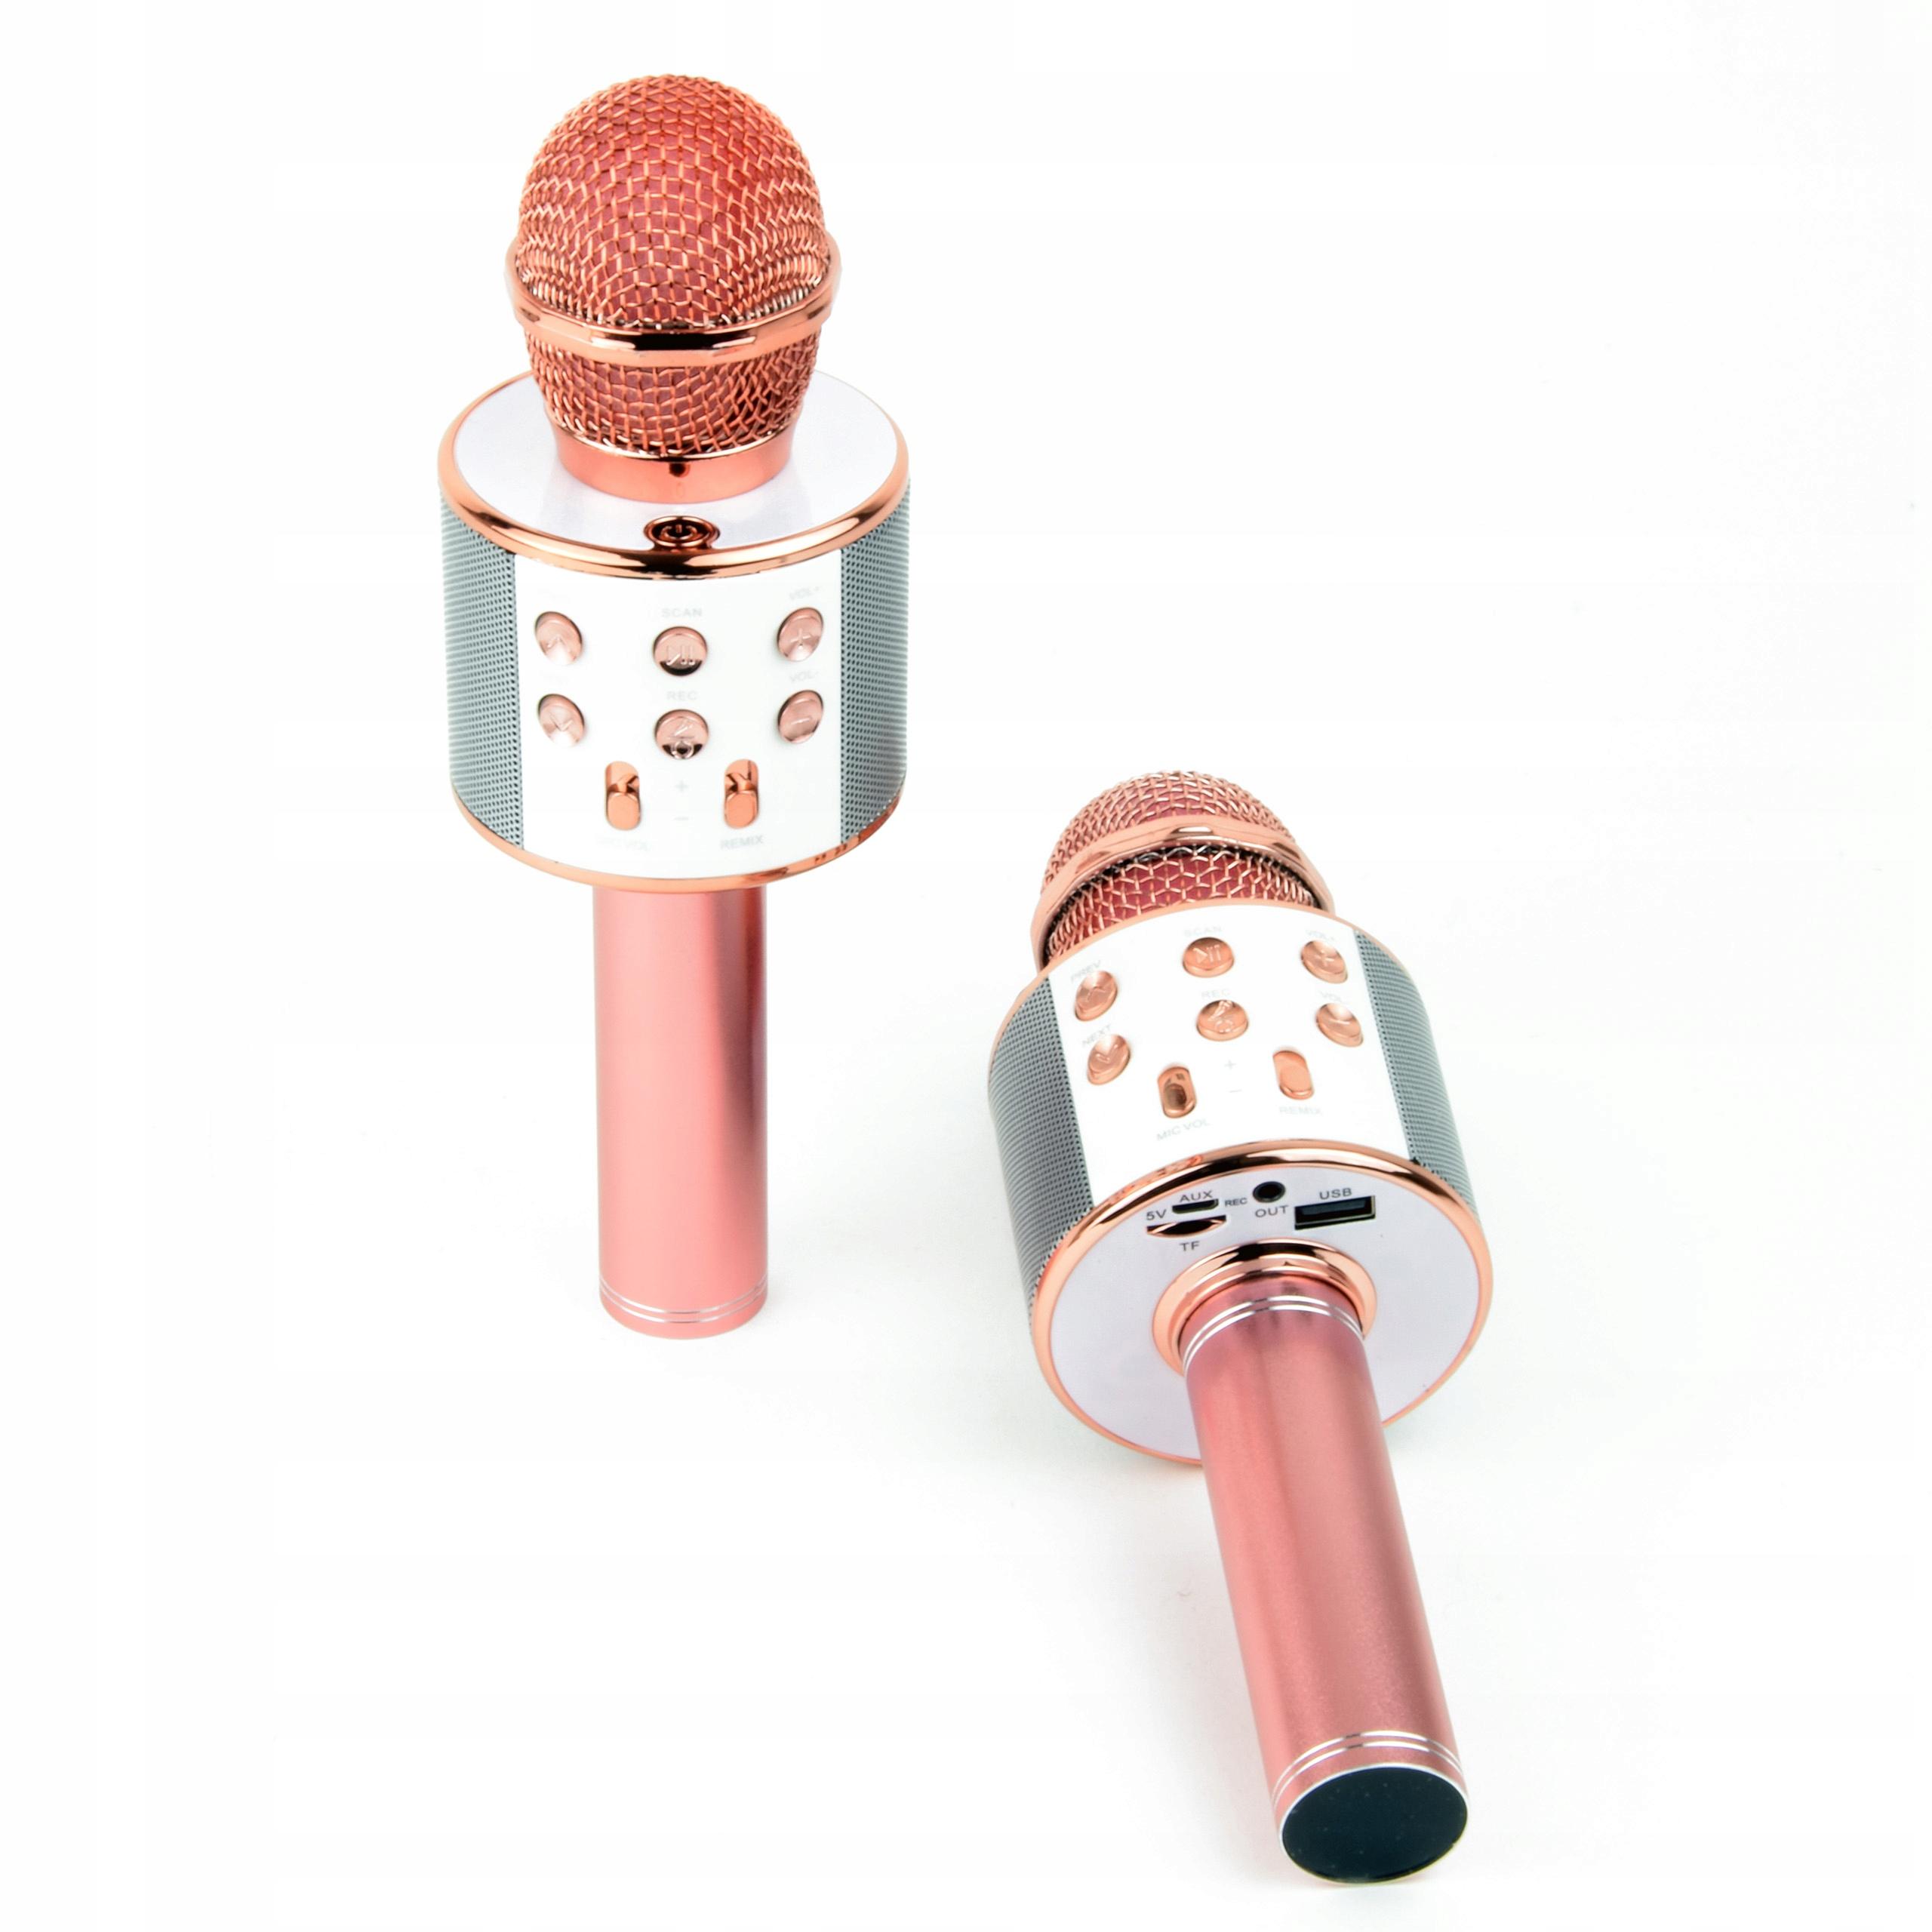 Bezdrôtový reproduktor s mikrofónom karaoke Bluetooth